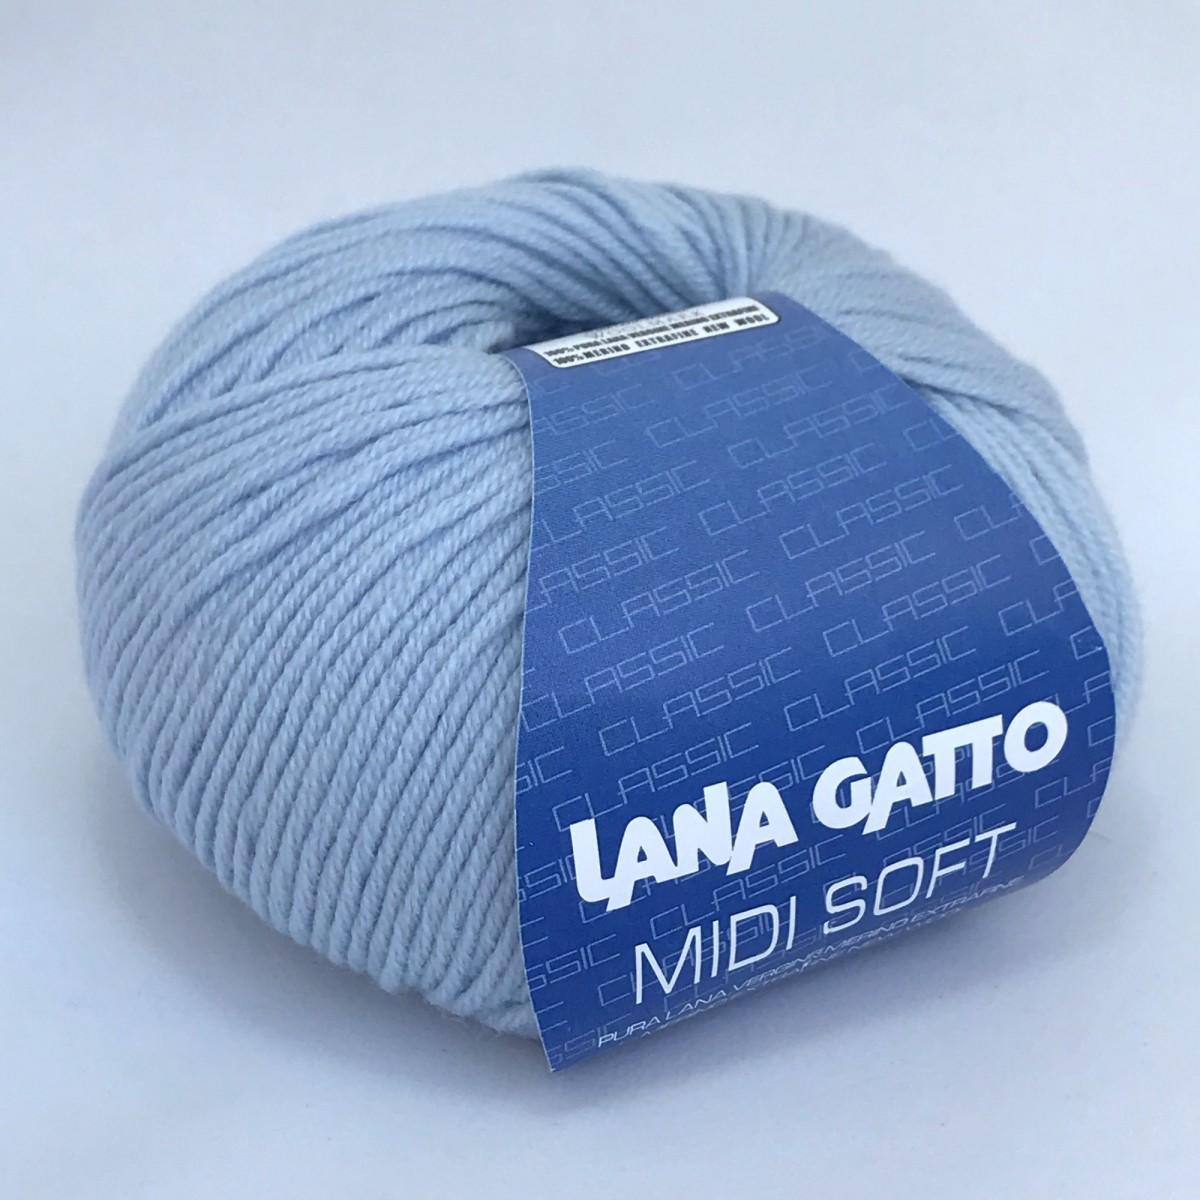 Пряжа Миди Софт (Midi Soft)